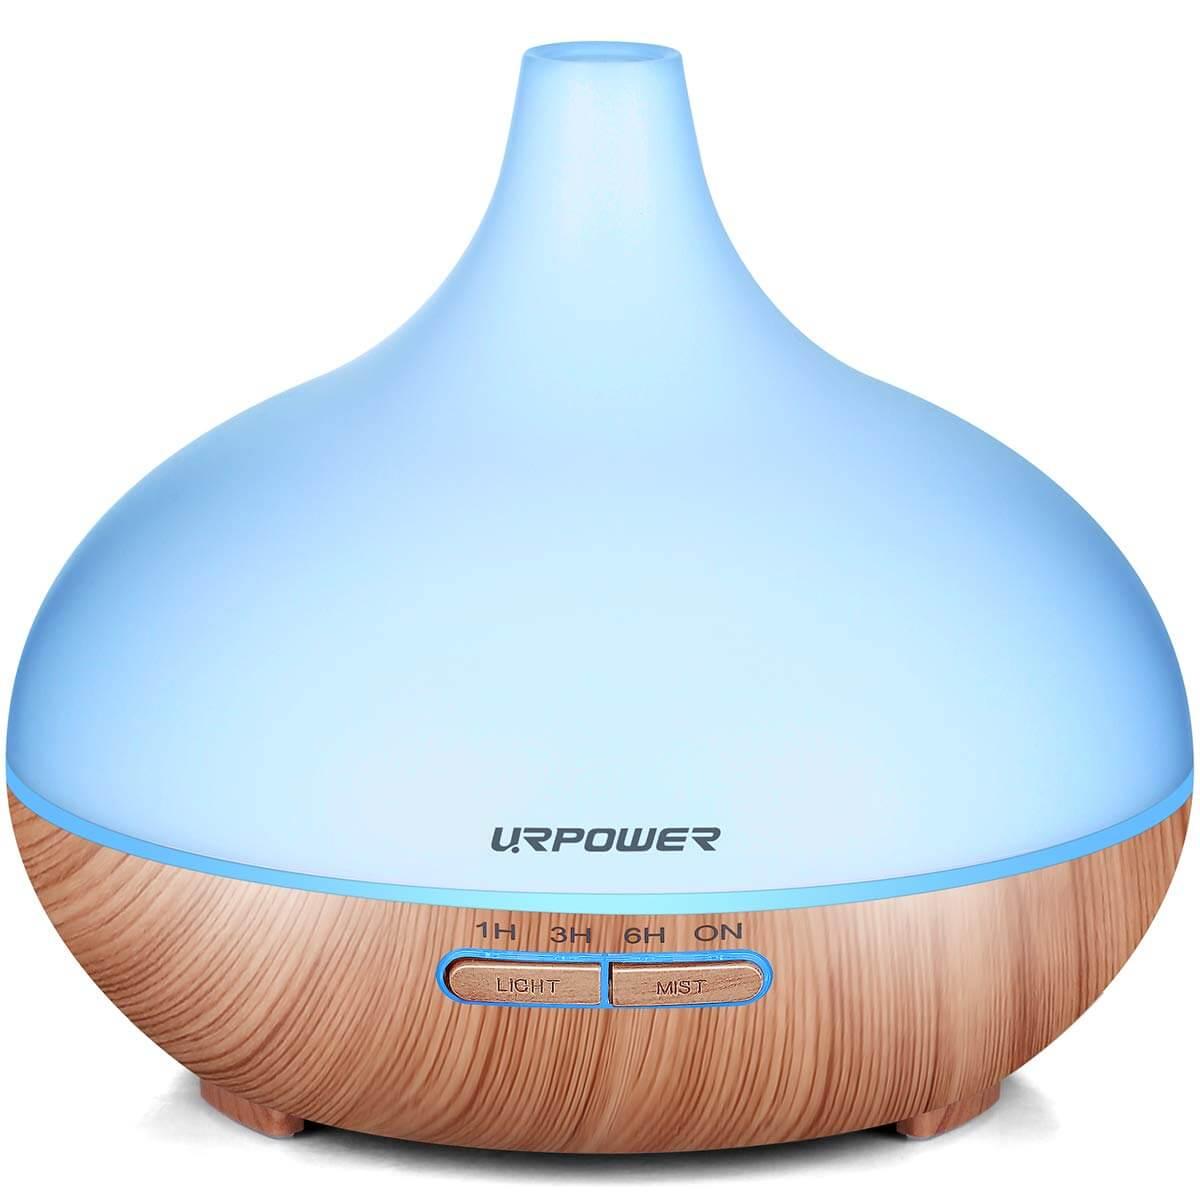 A blue oil diffuser.